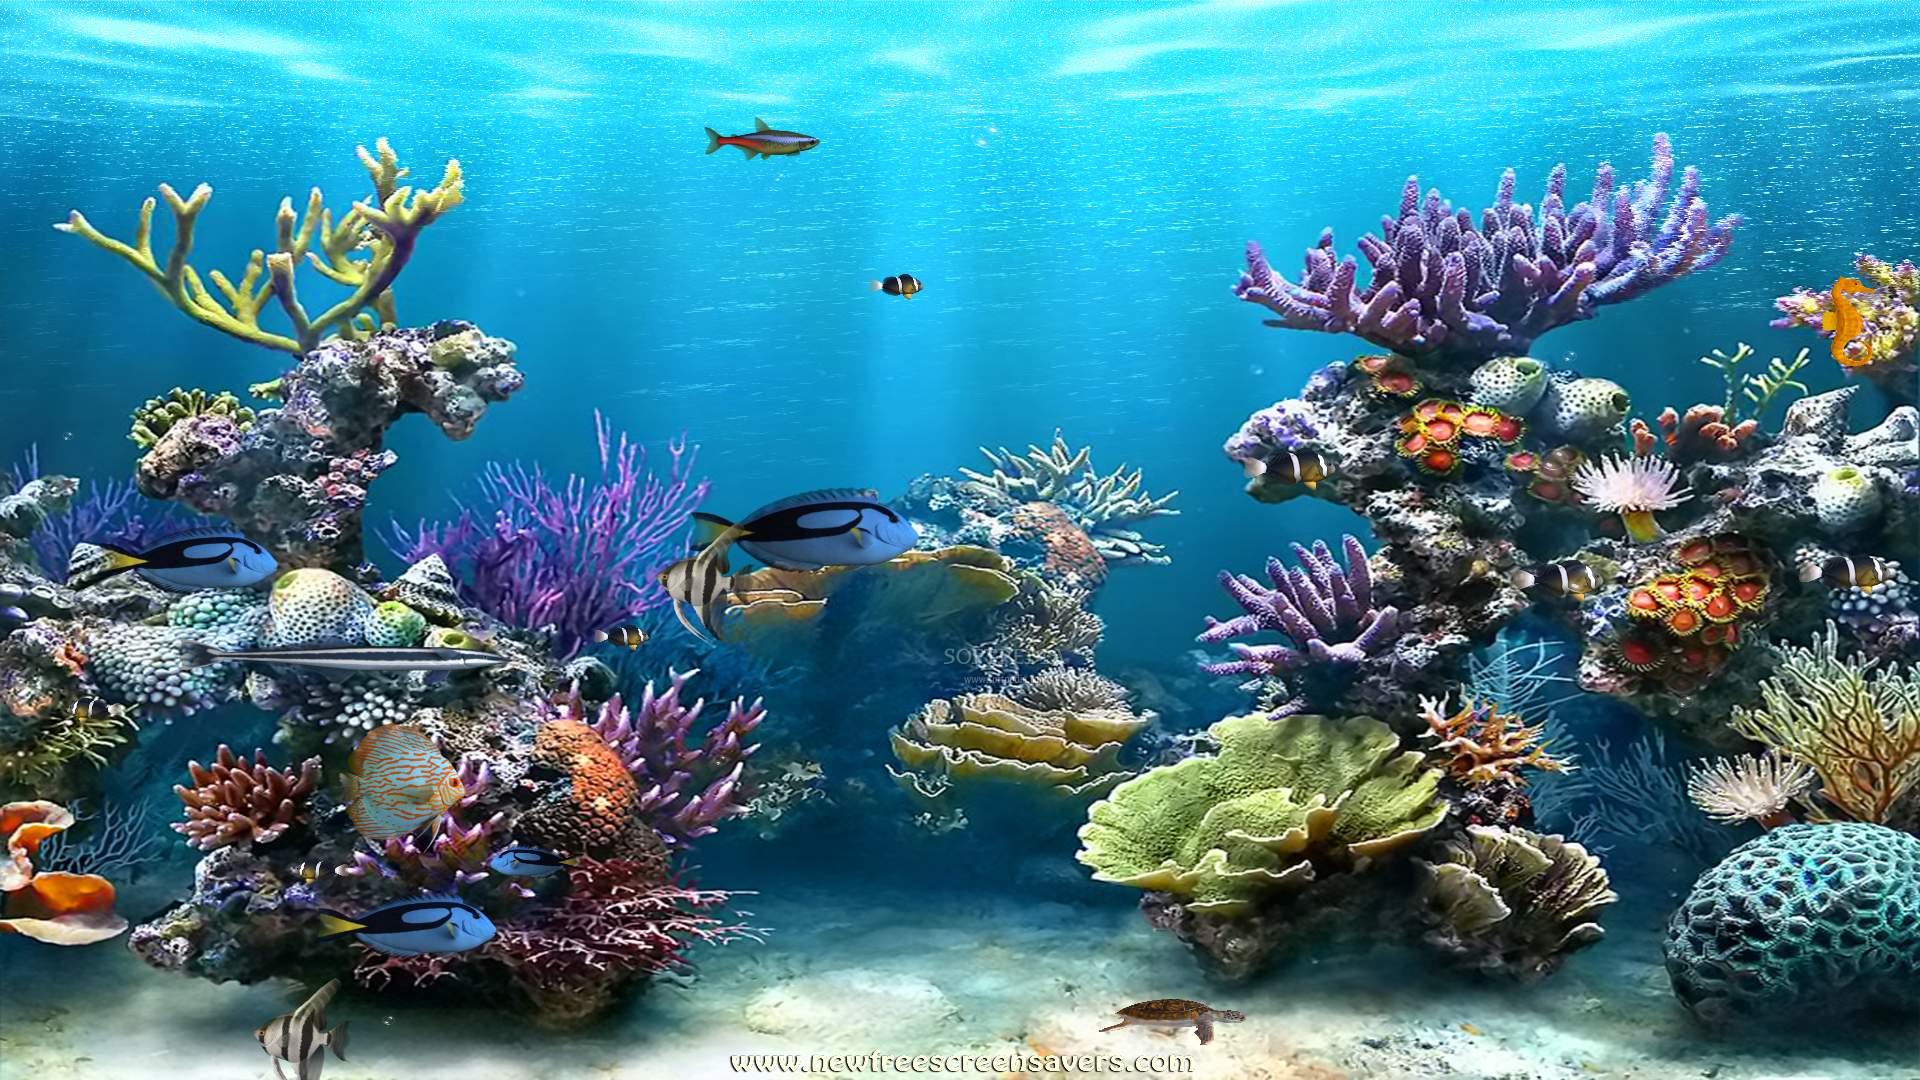 Скачать на рабочий стол обои аквариум